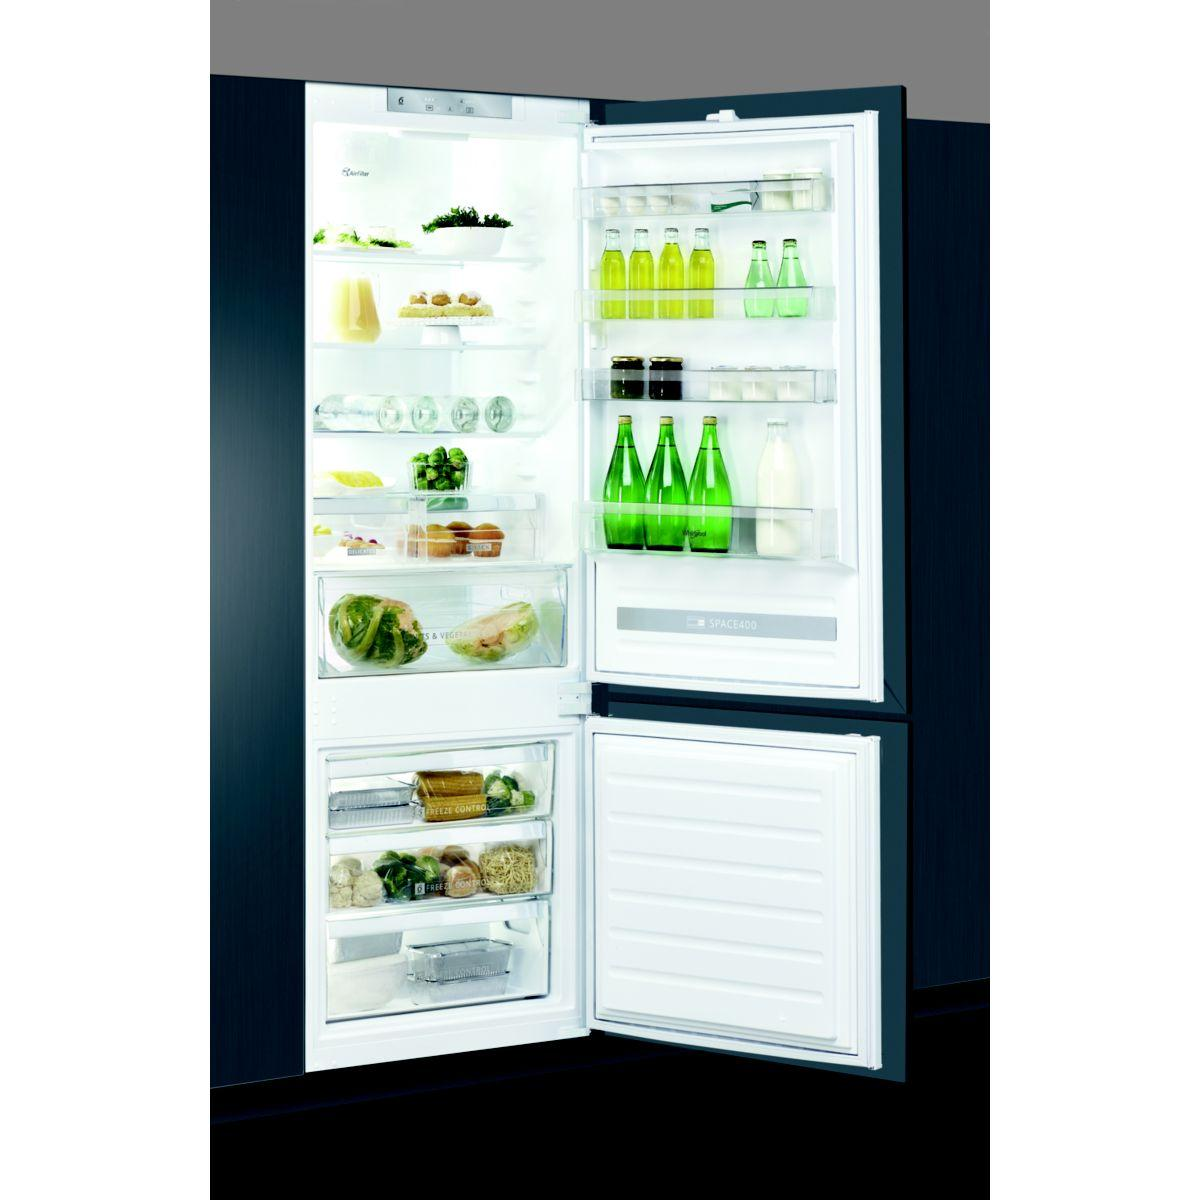 Réfrigérateur combiné encastrable WHIRLPOOL SP40800